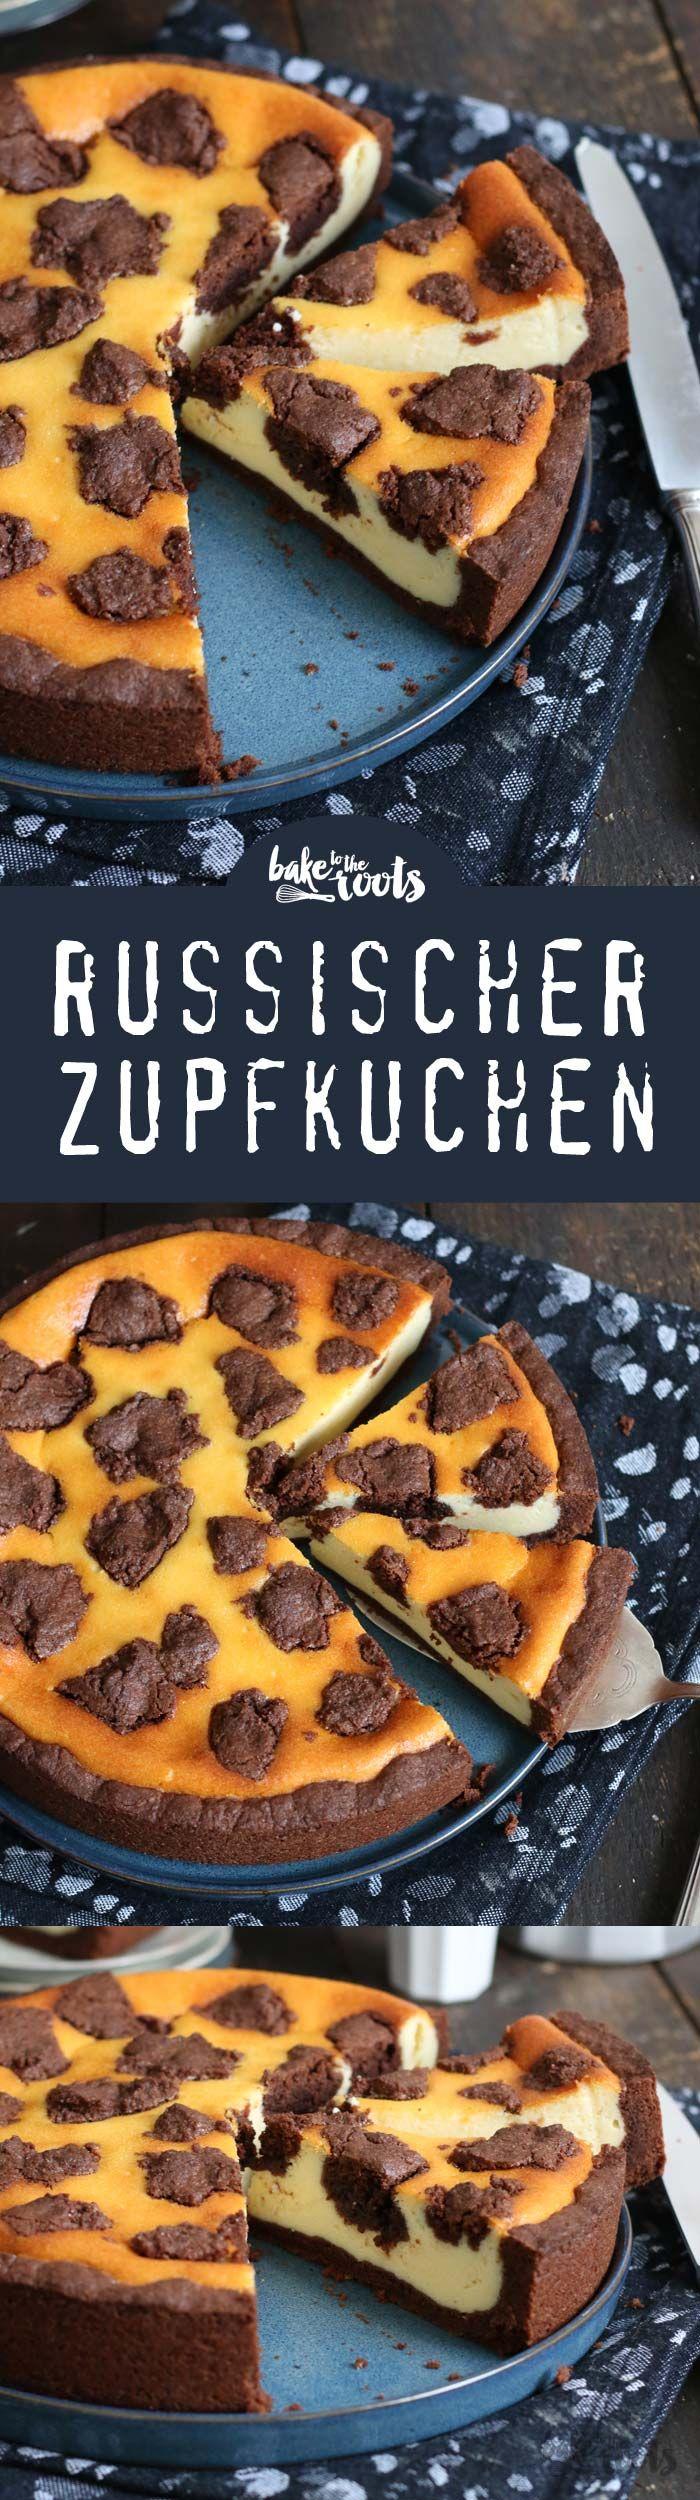 Russischer Zupfkuchen | Bake to the roots